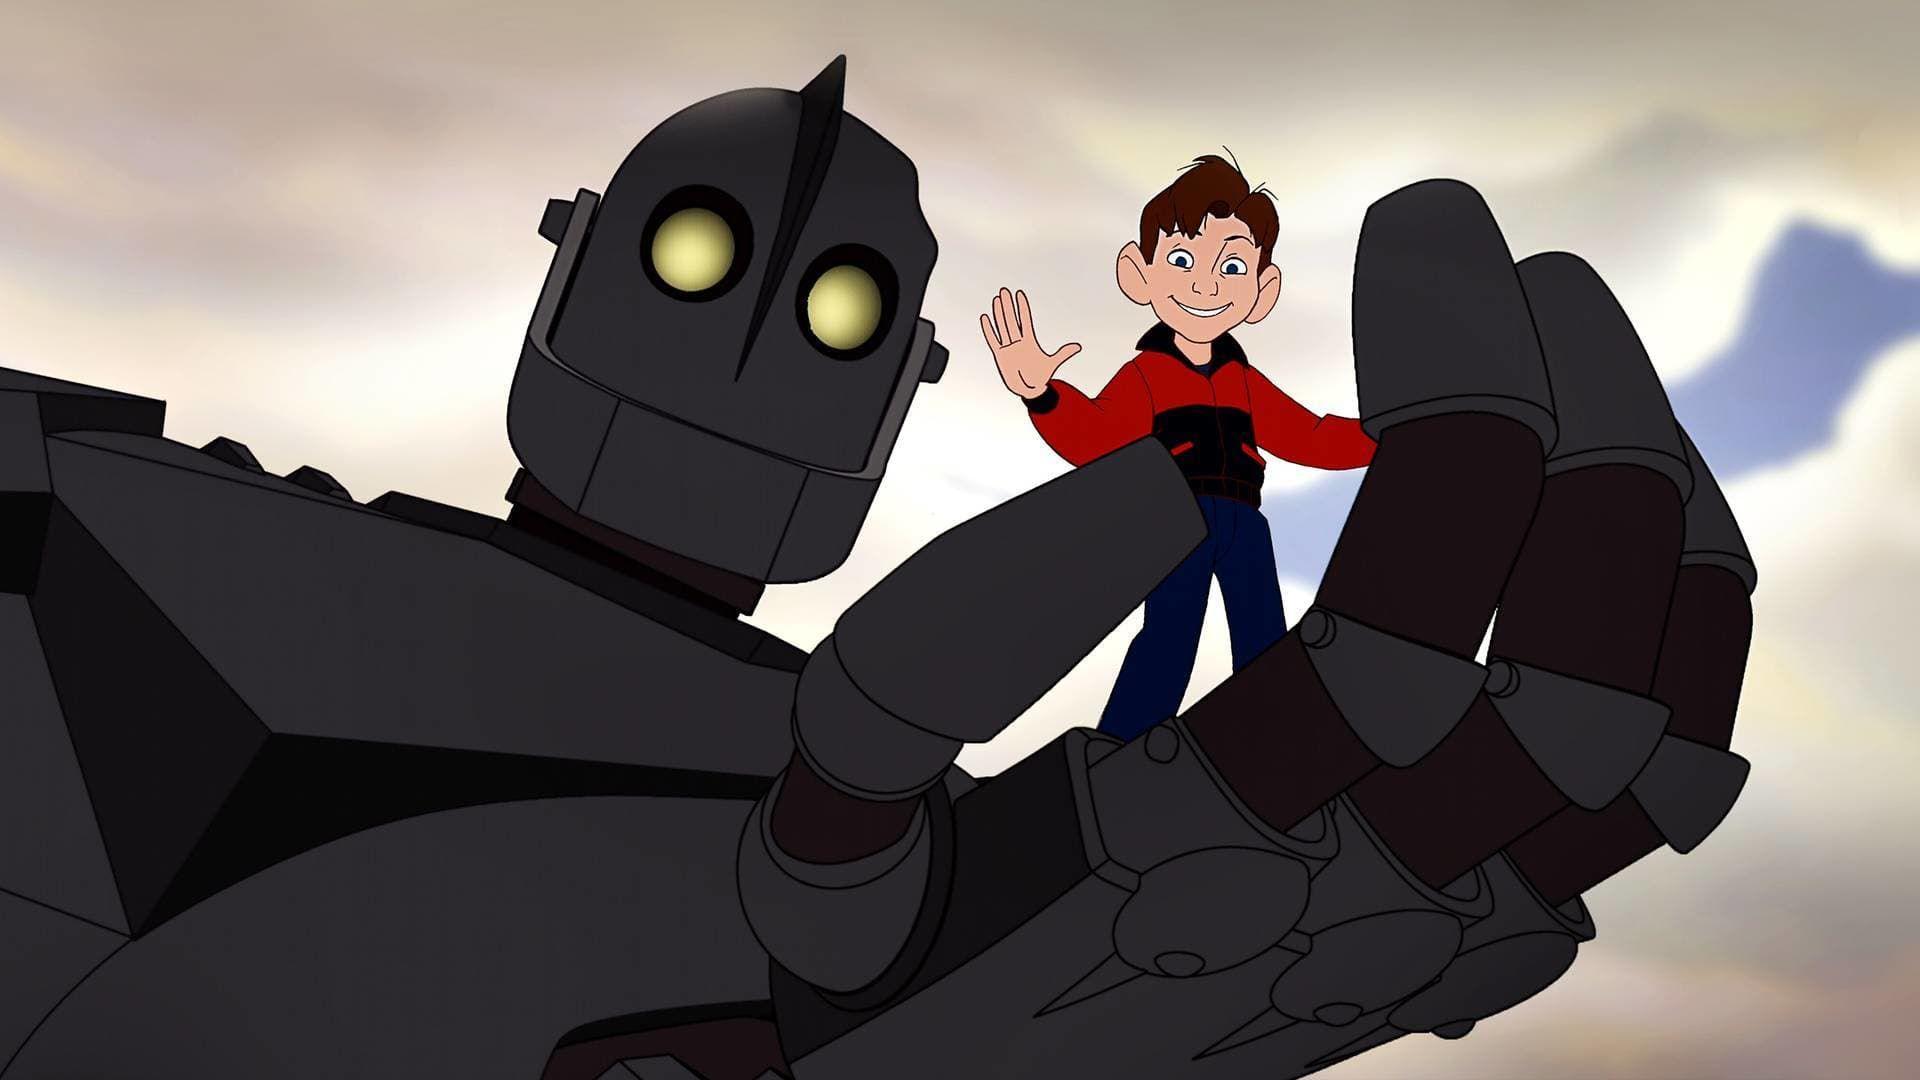 Những phim hoạt hình hay có tình bạn đẹp khiến người xem xúc động (2)